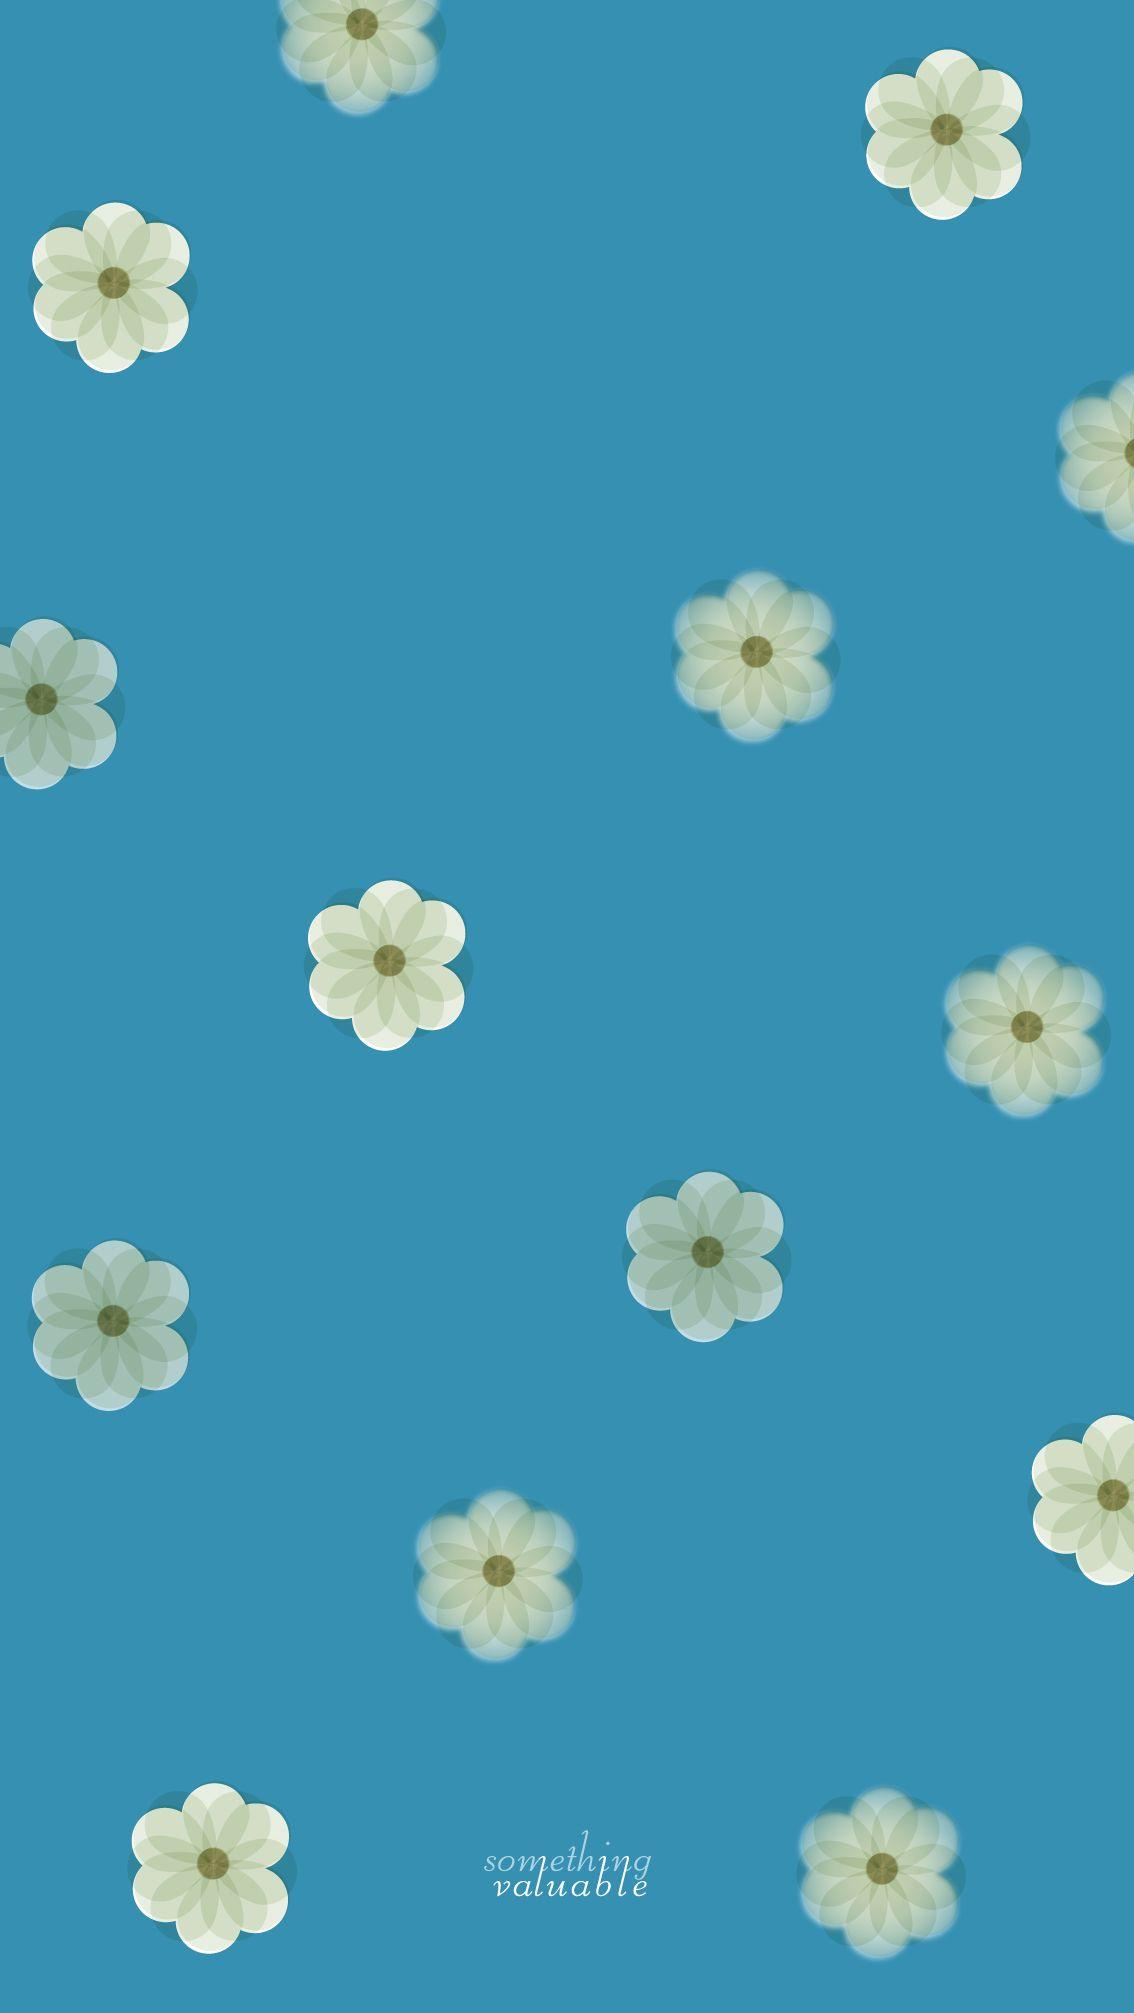 iphone wallpaper design •vincent van gogh_ almond blossom • | click